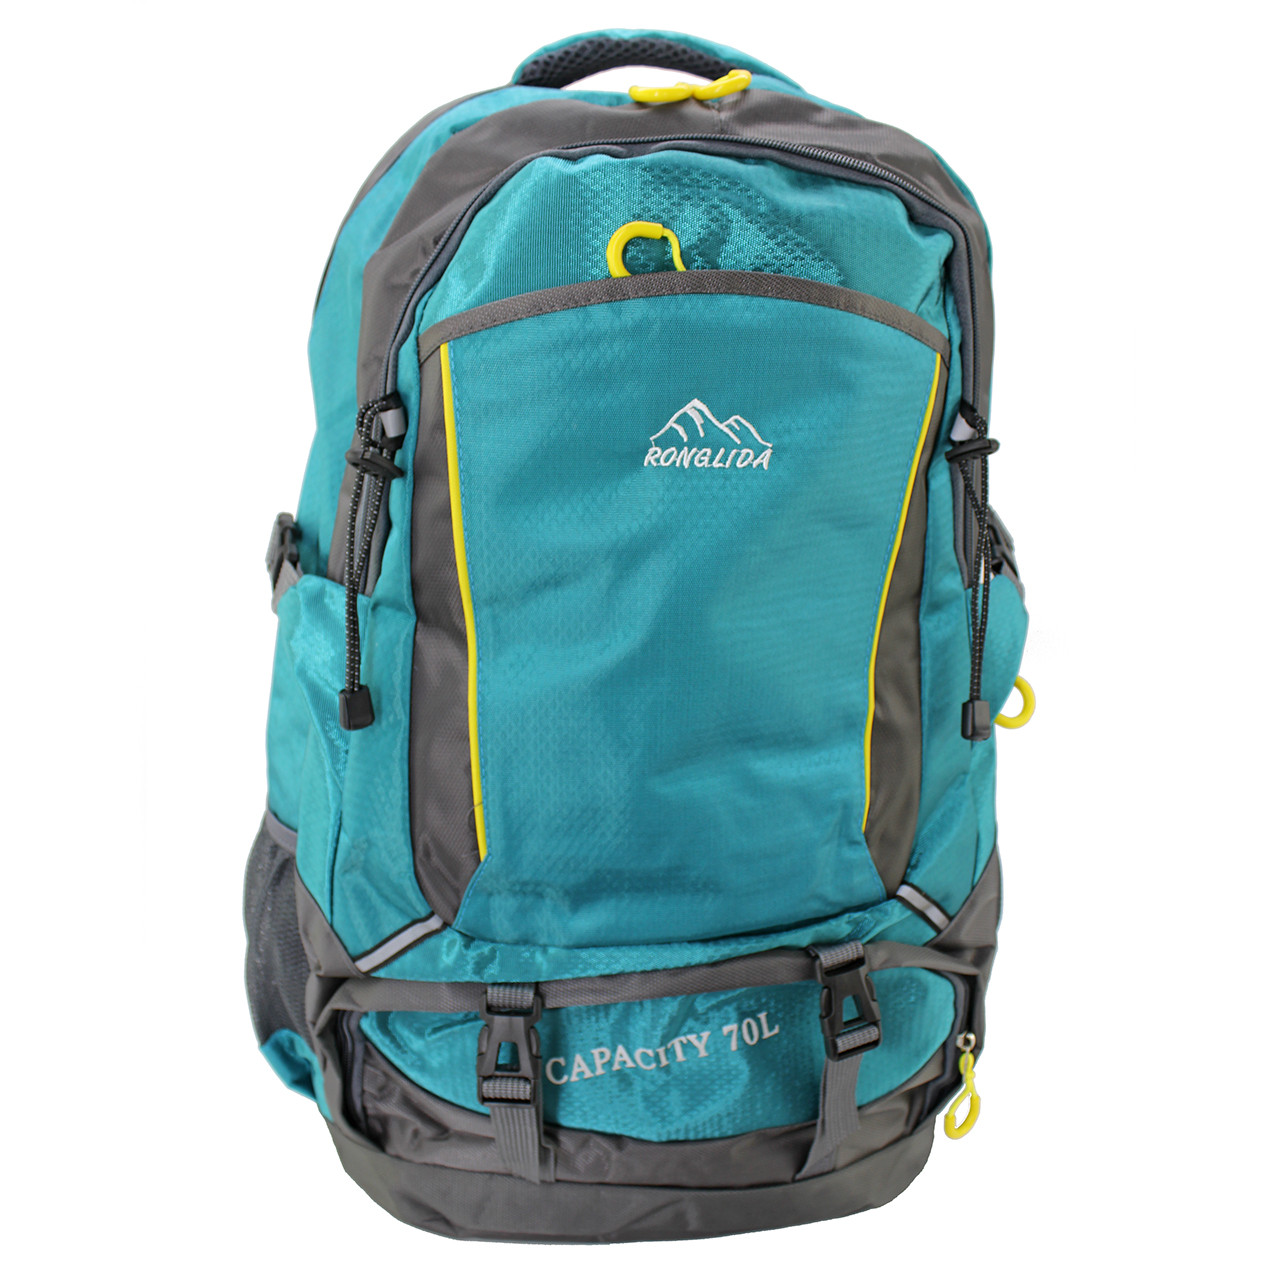 Рюкзак для путешествий, вместительный Ronglida, текстиль, 65 л